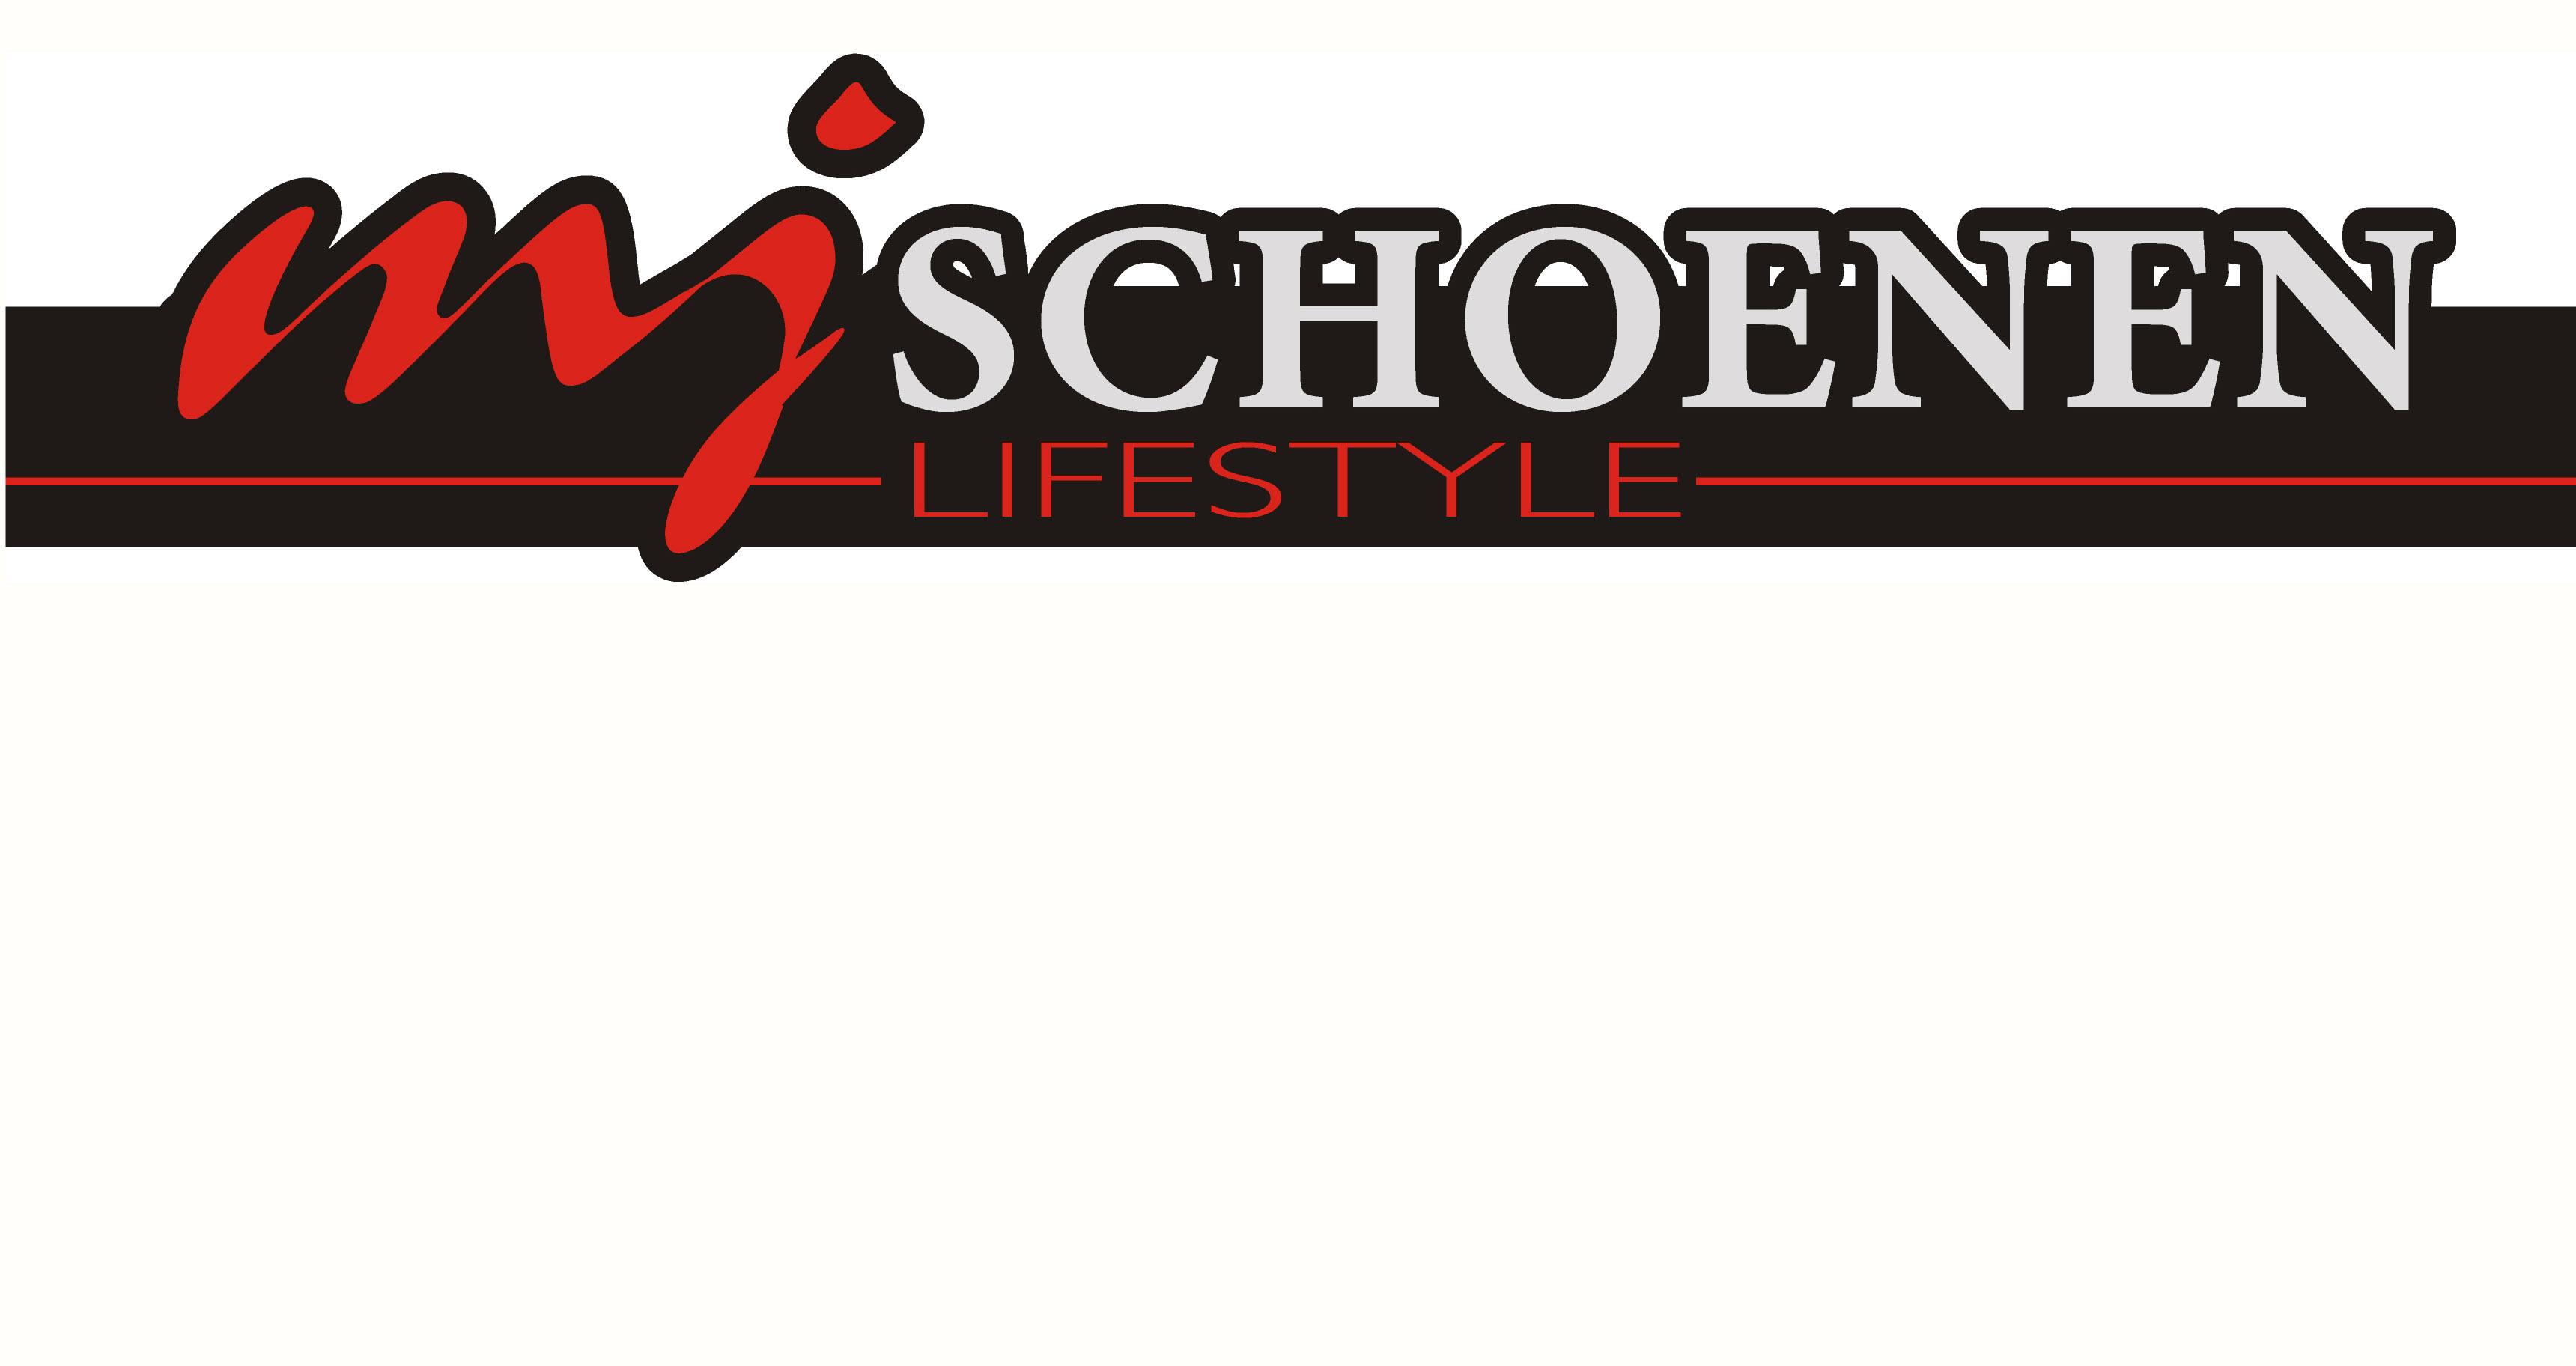 MJ Schoenen